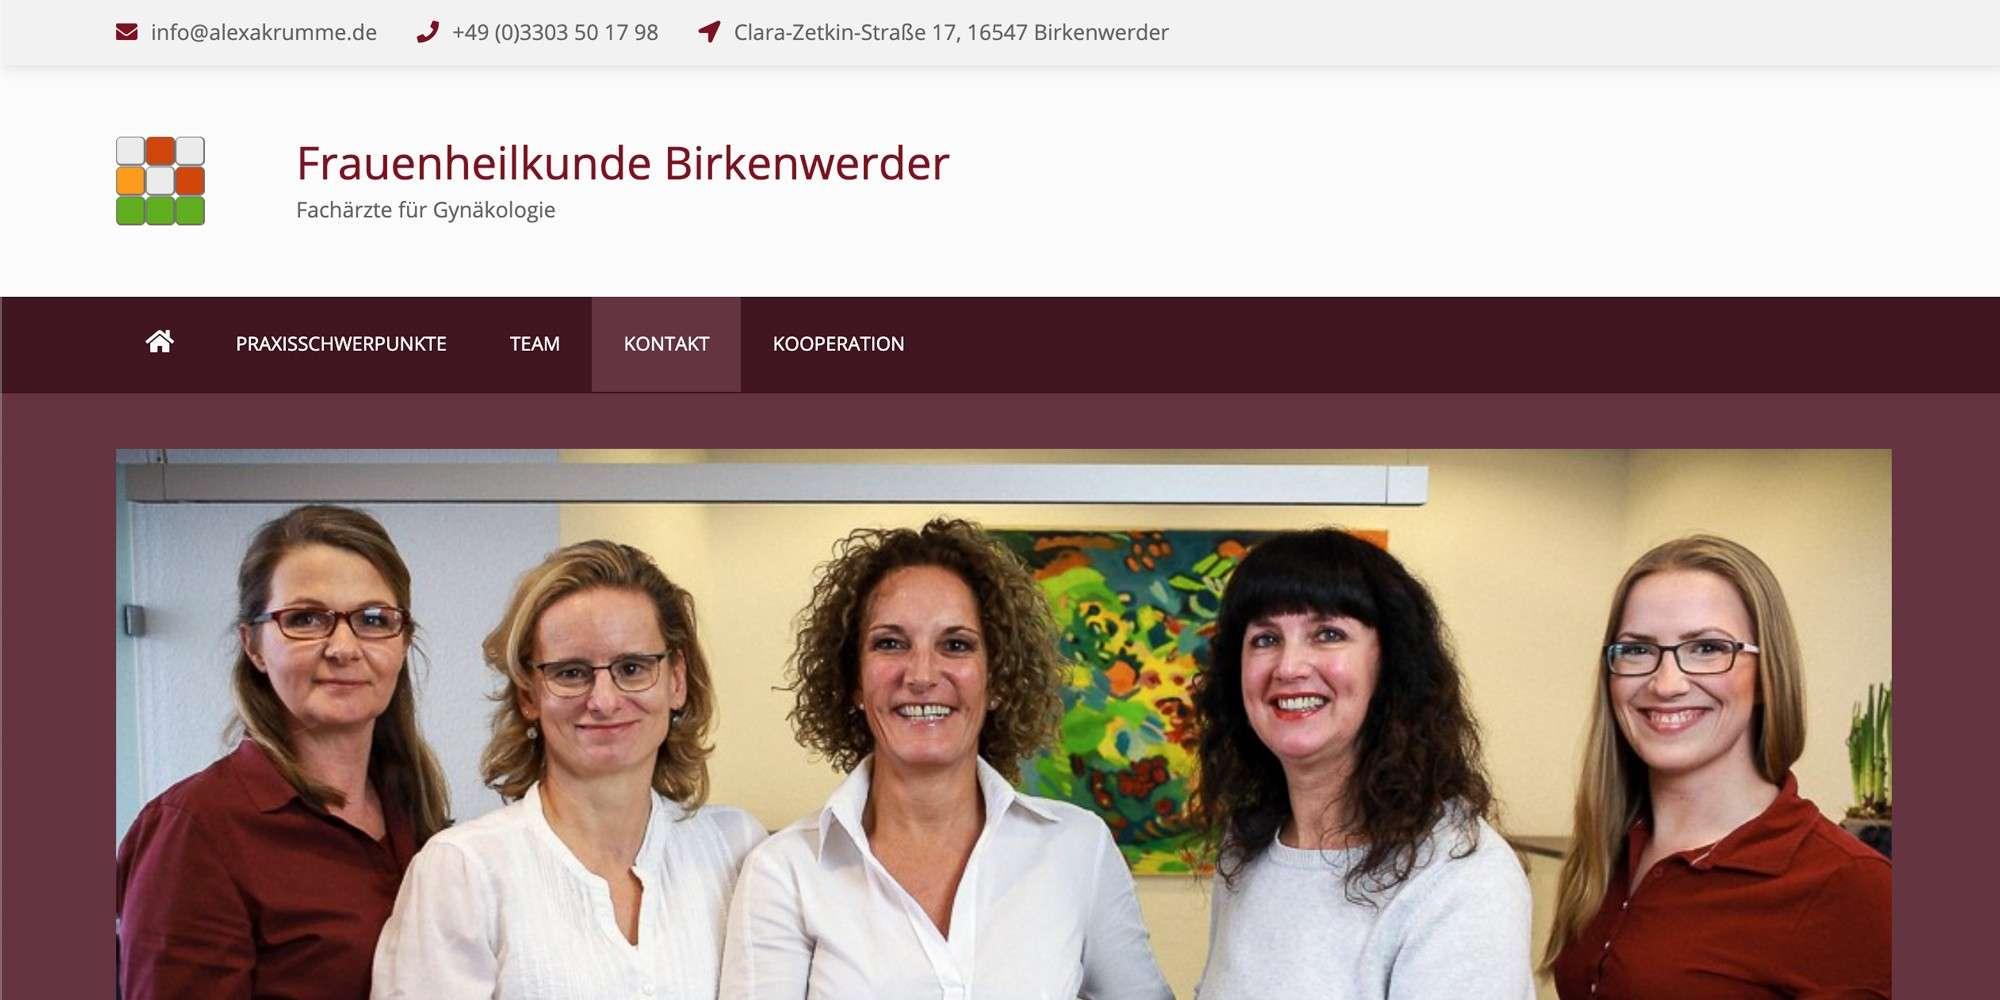 Merlin Rose Referenzen - Frauenheilkunde Birkenwerder